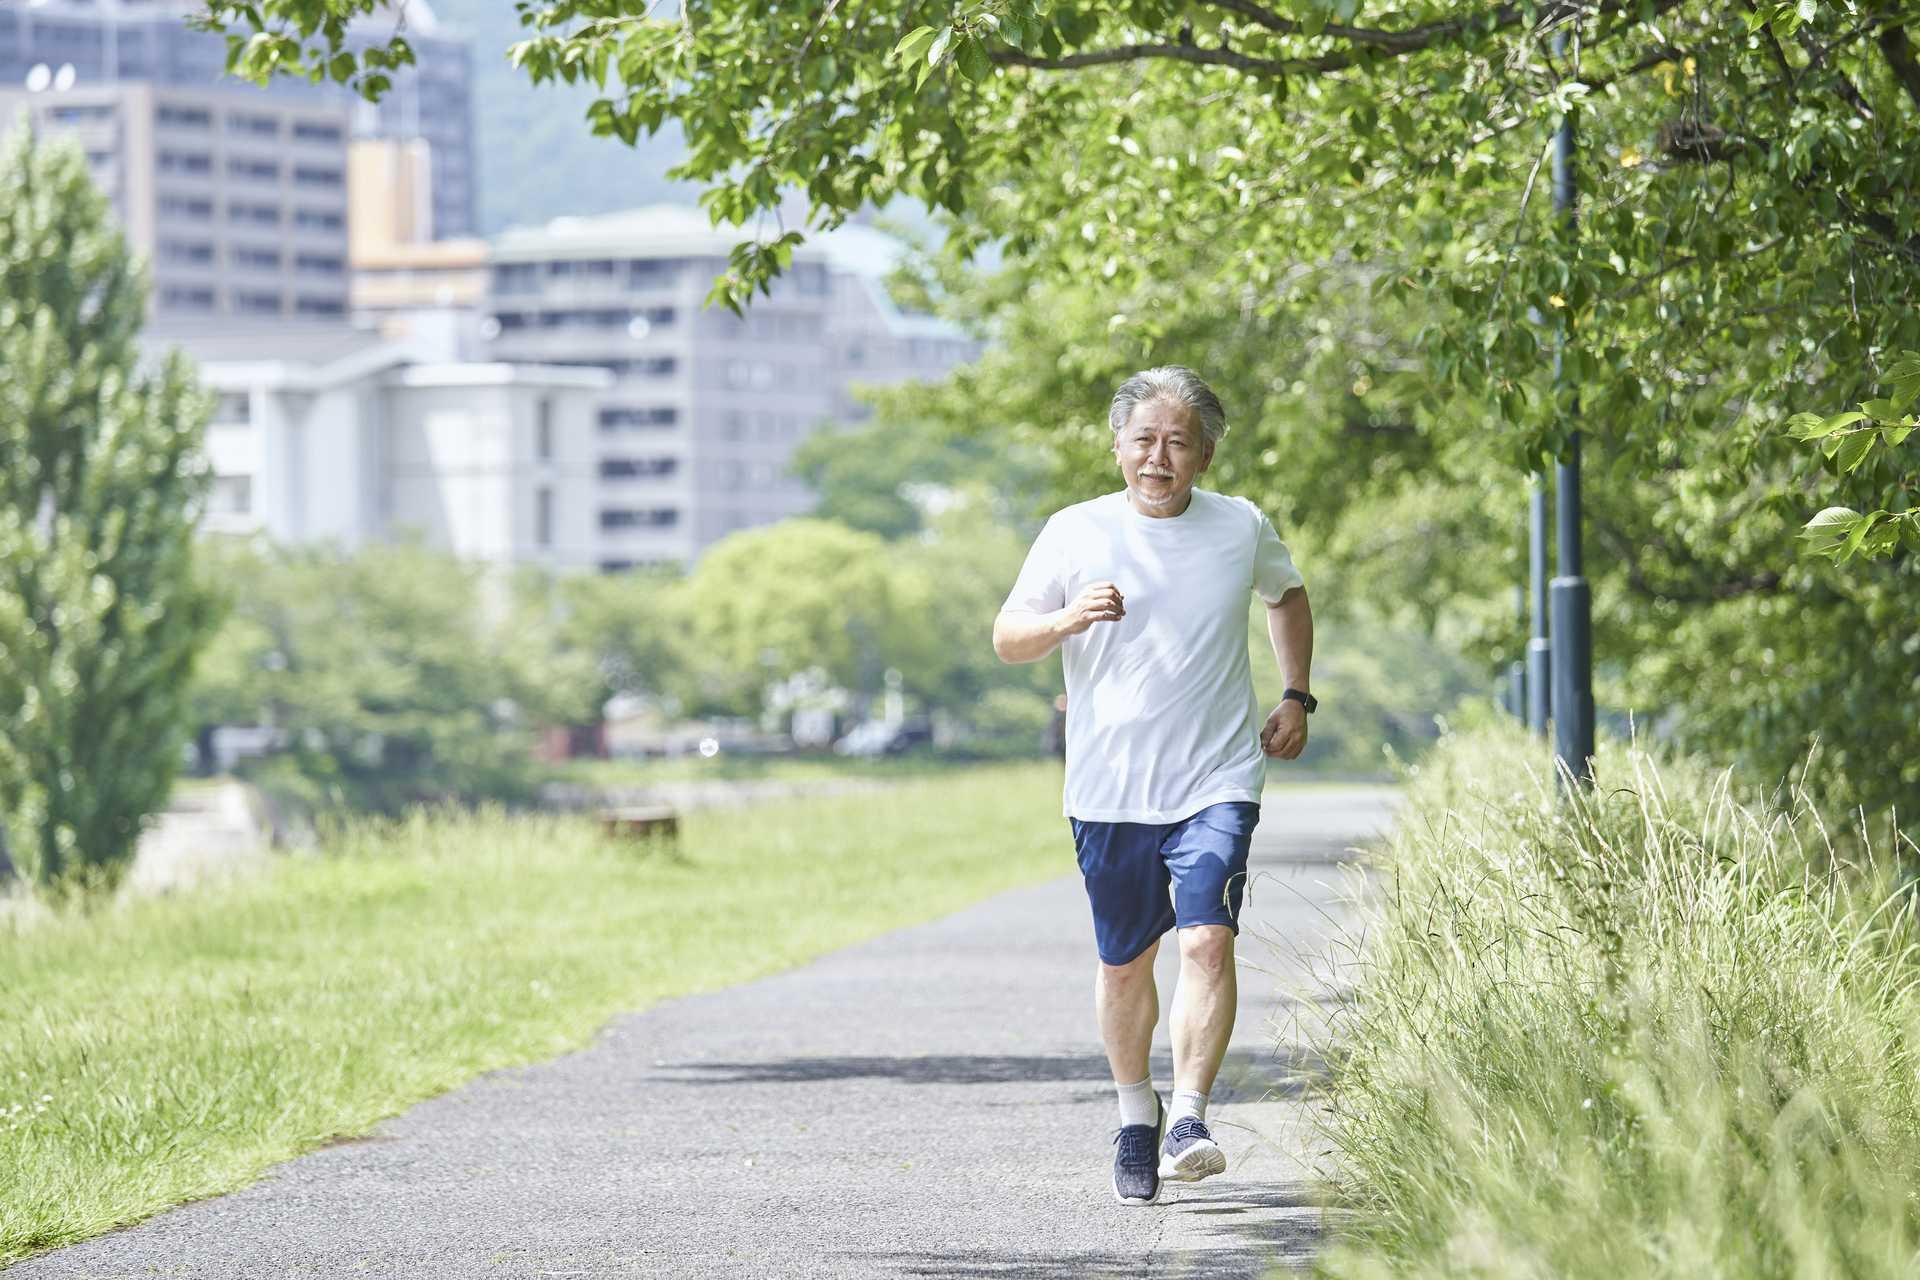 ウォーキングの初心者は、坂道や不安定な道は避けておきたい。 | 健康のためになる30の散歩術